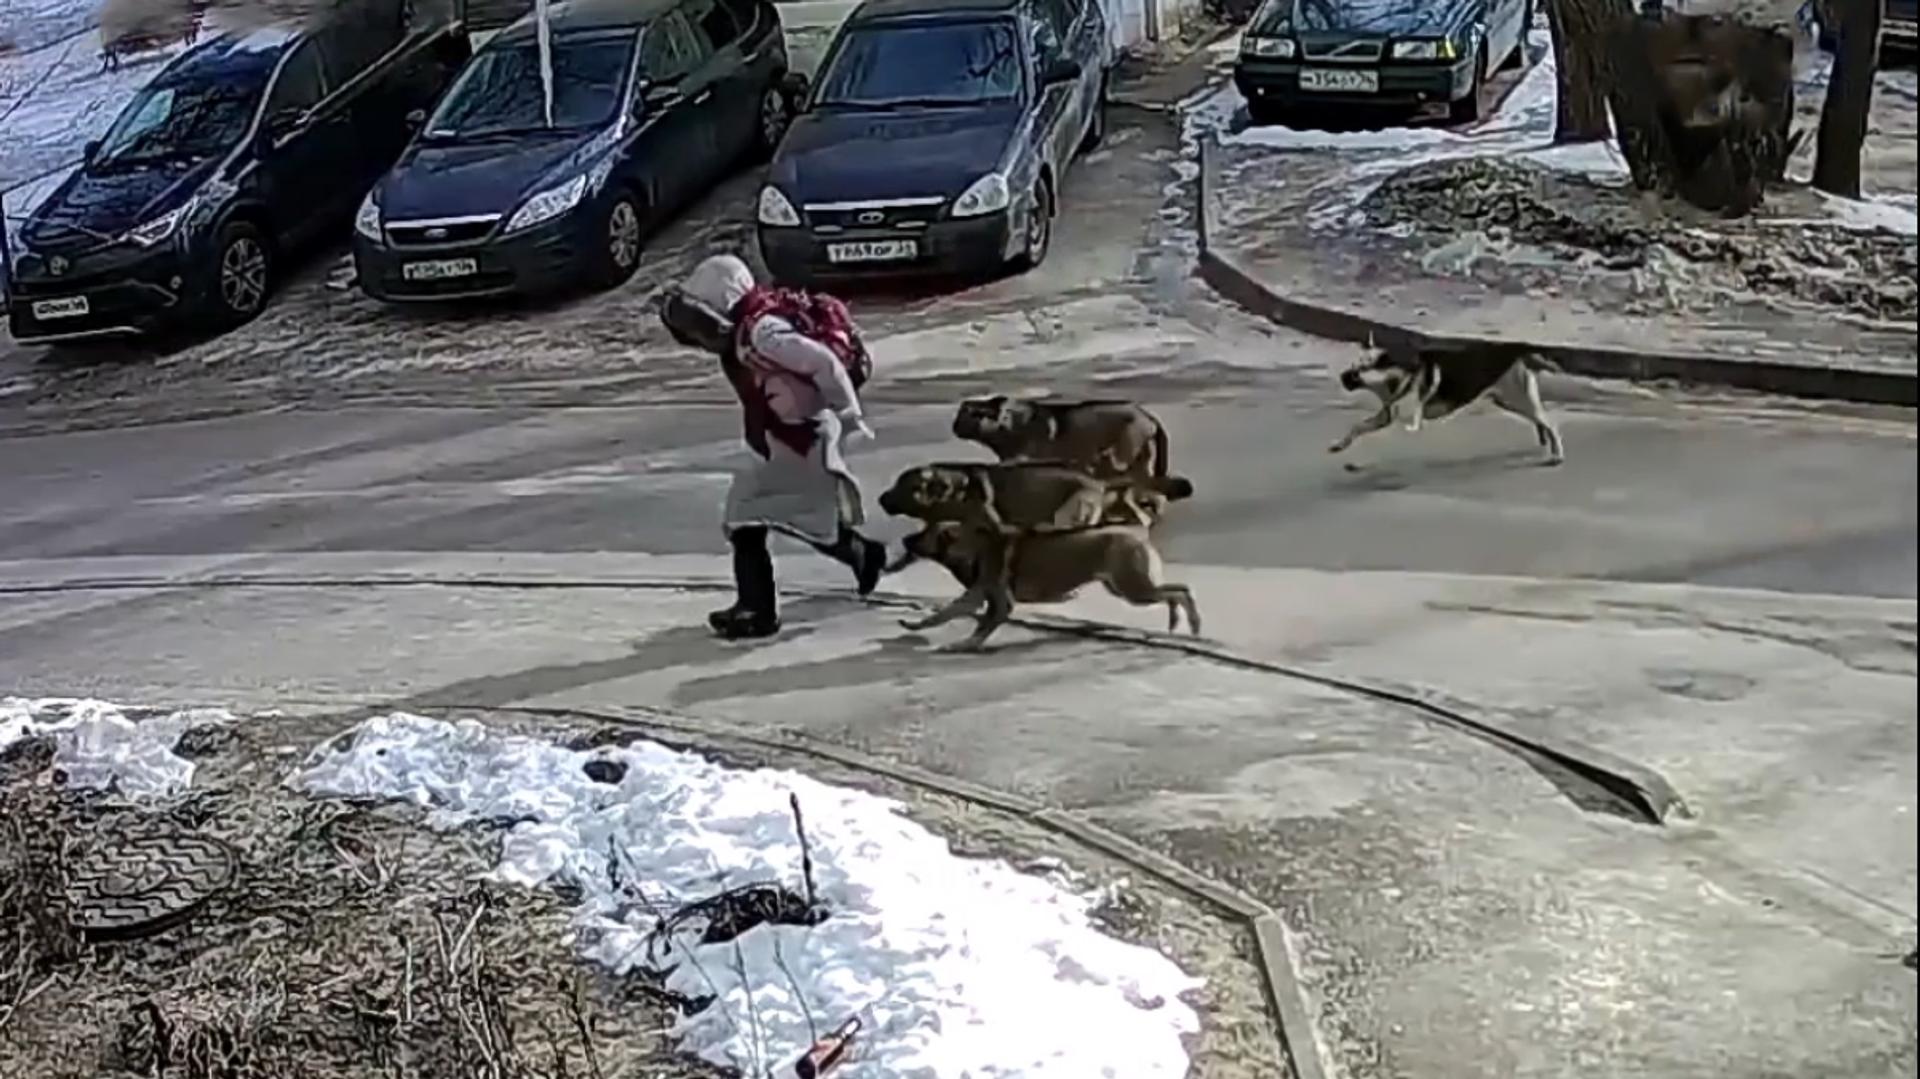 Unos perros persiguen a una niña - Sputnik Mundo, 1920, 11.02.2021